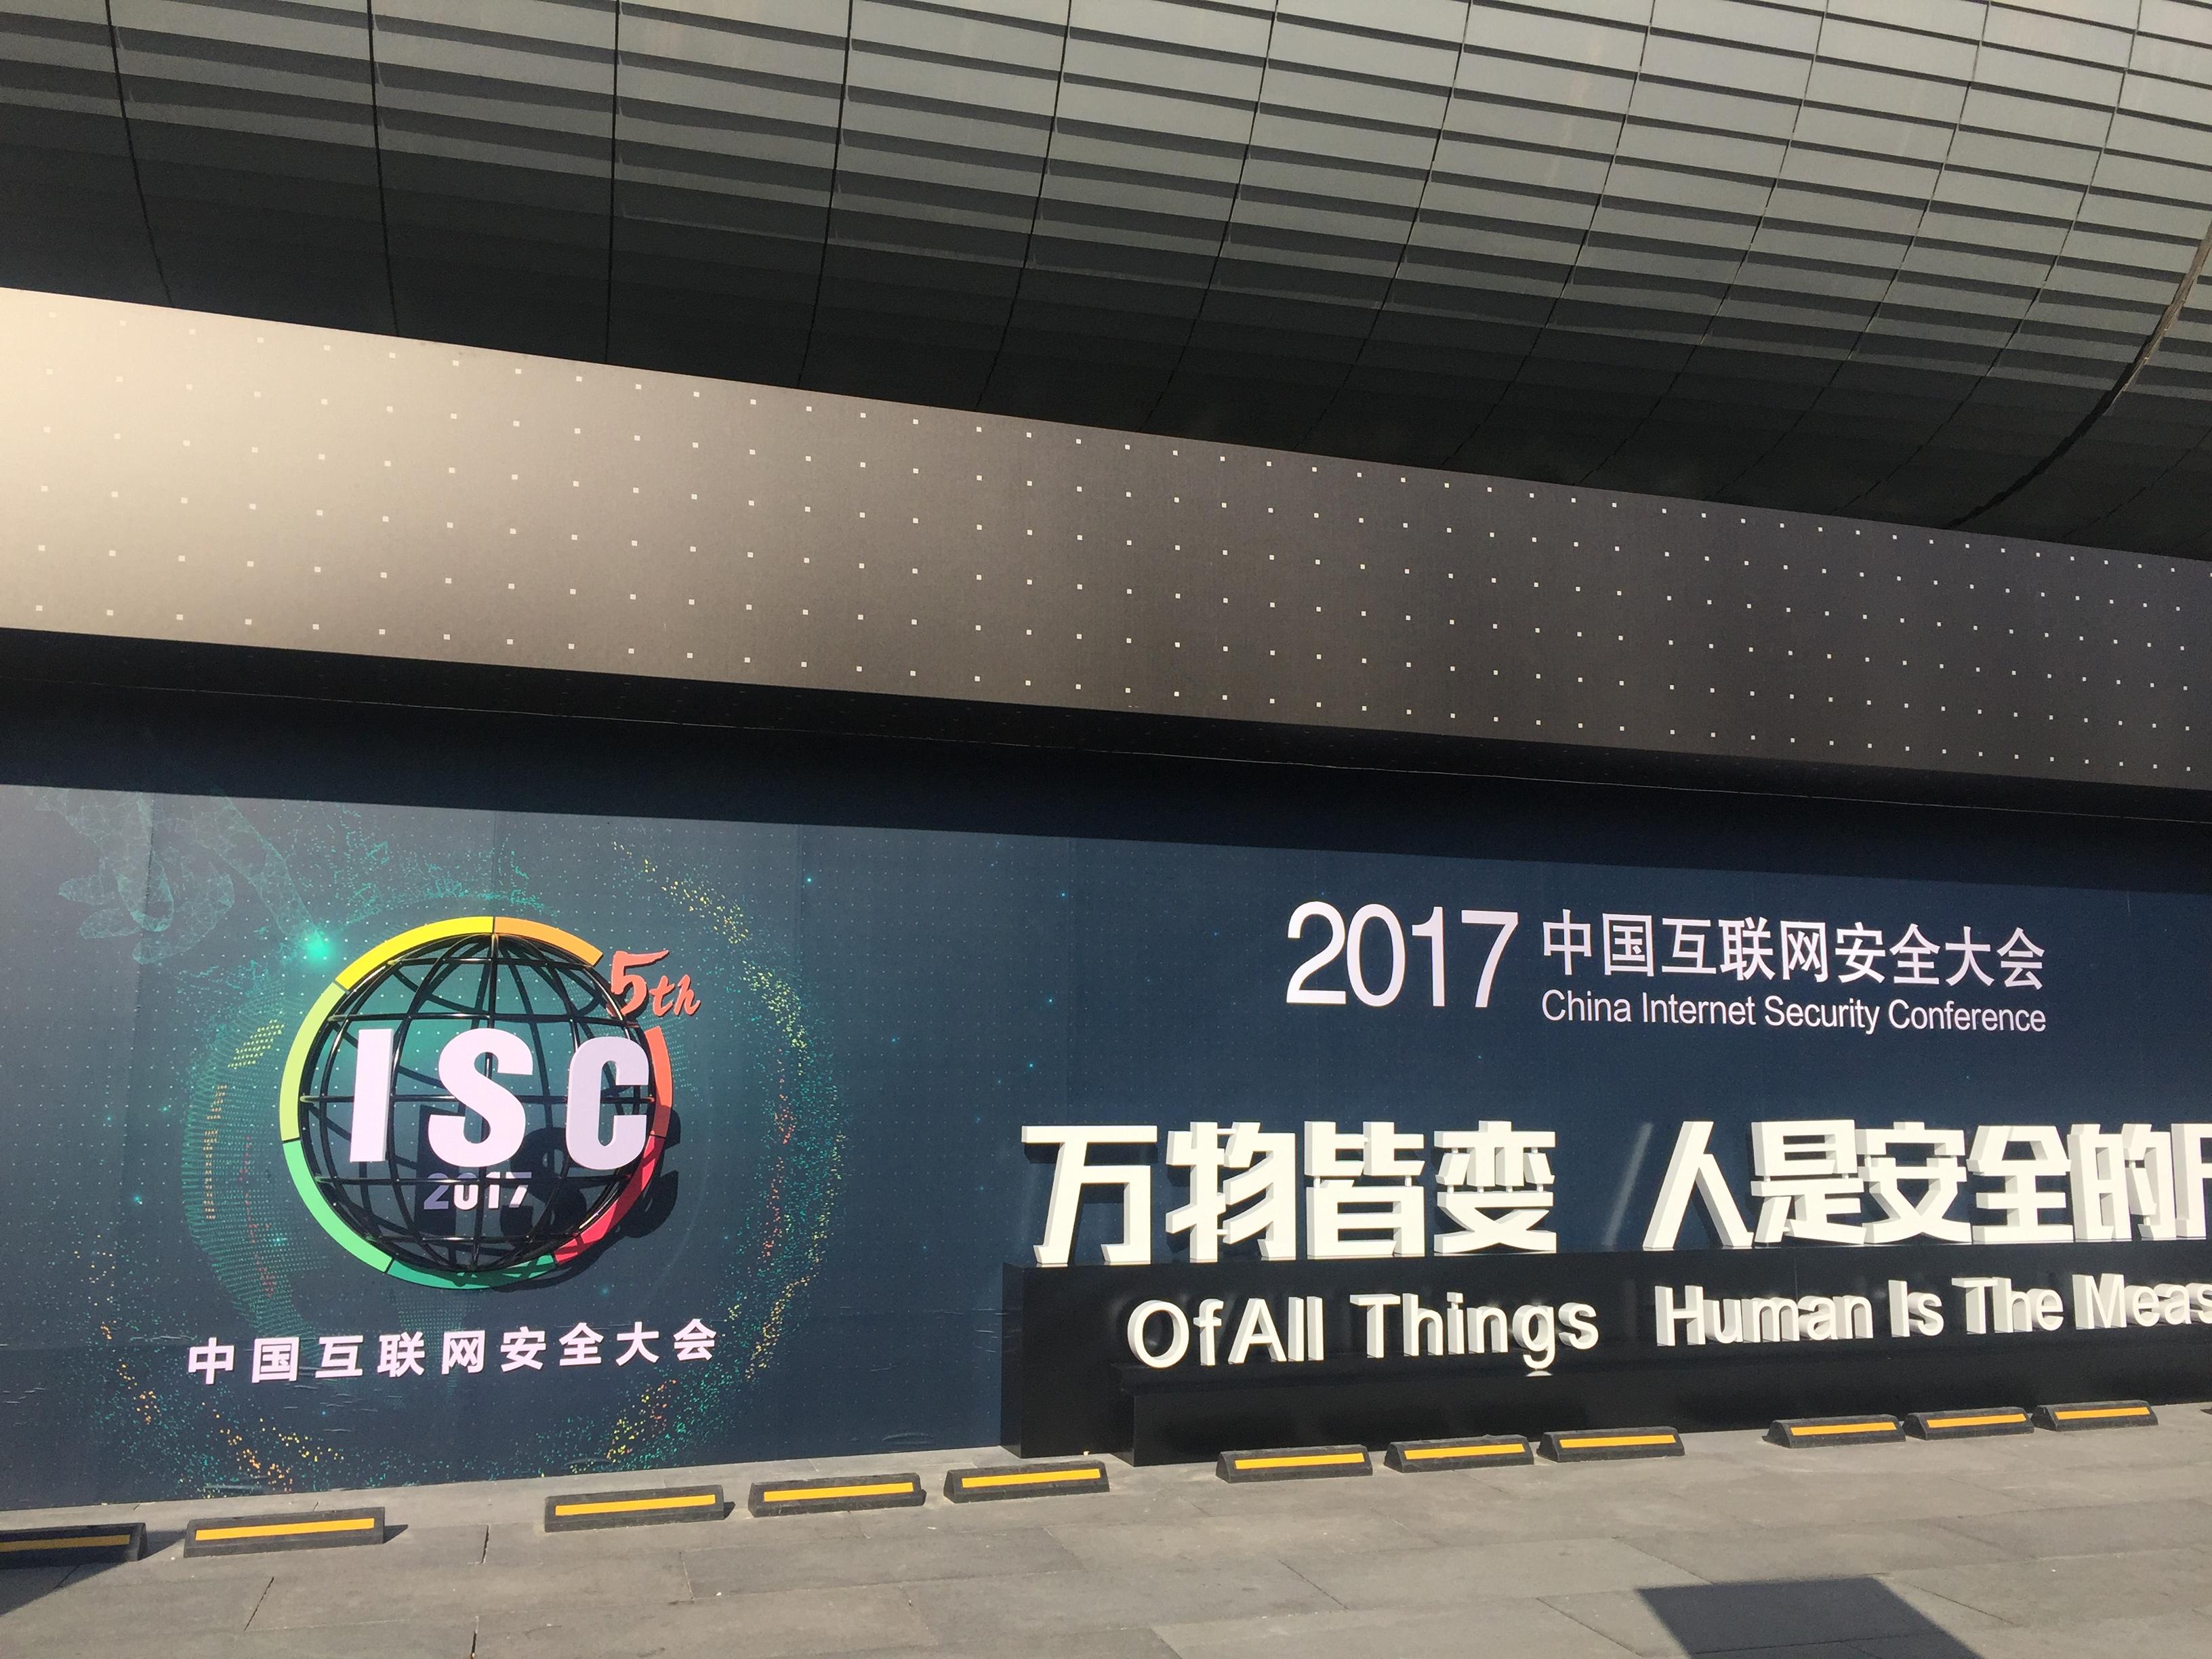 第五届中国互联网大会开启: 万物皆变,人是安全的尺度-烽巢网